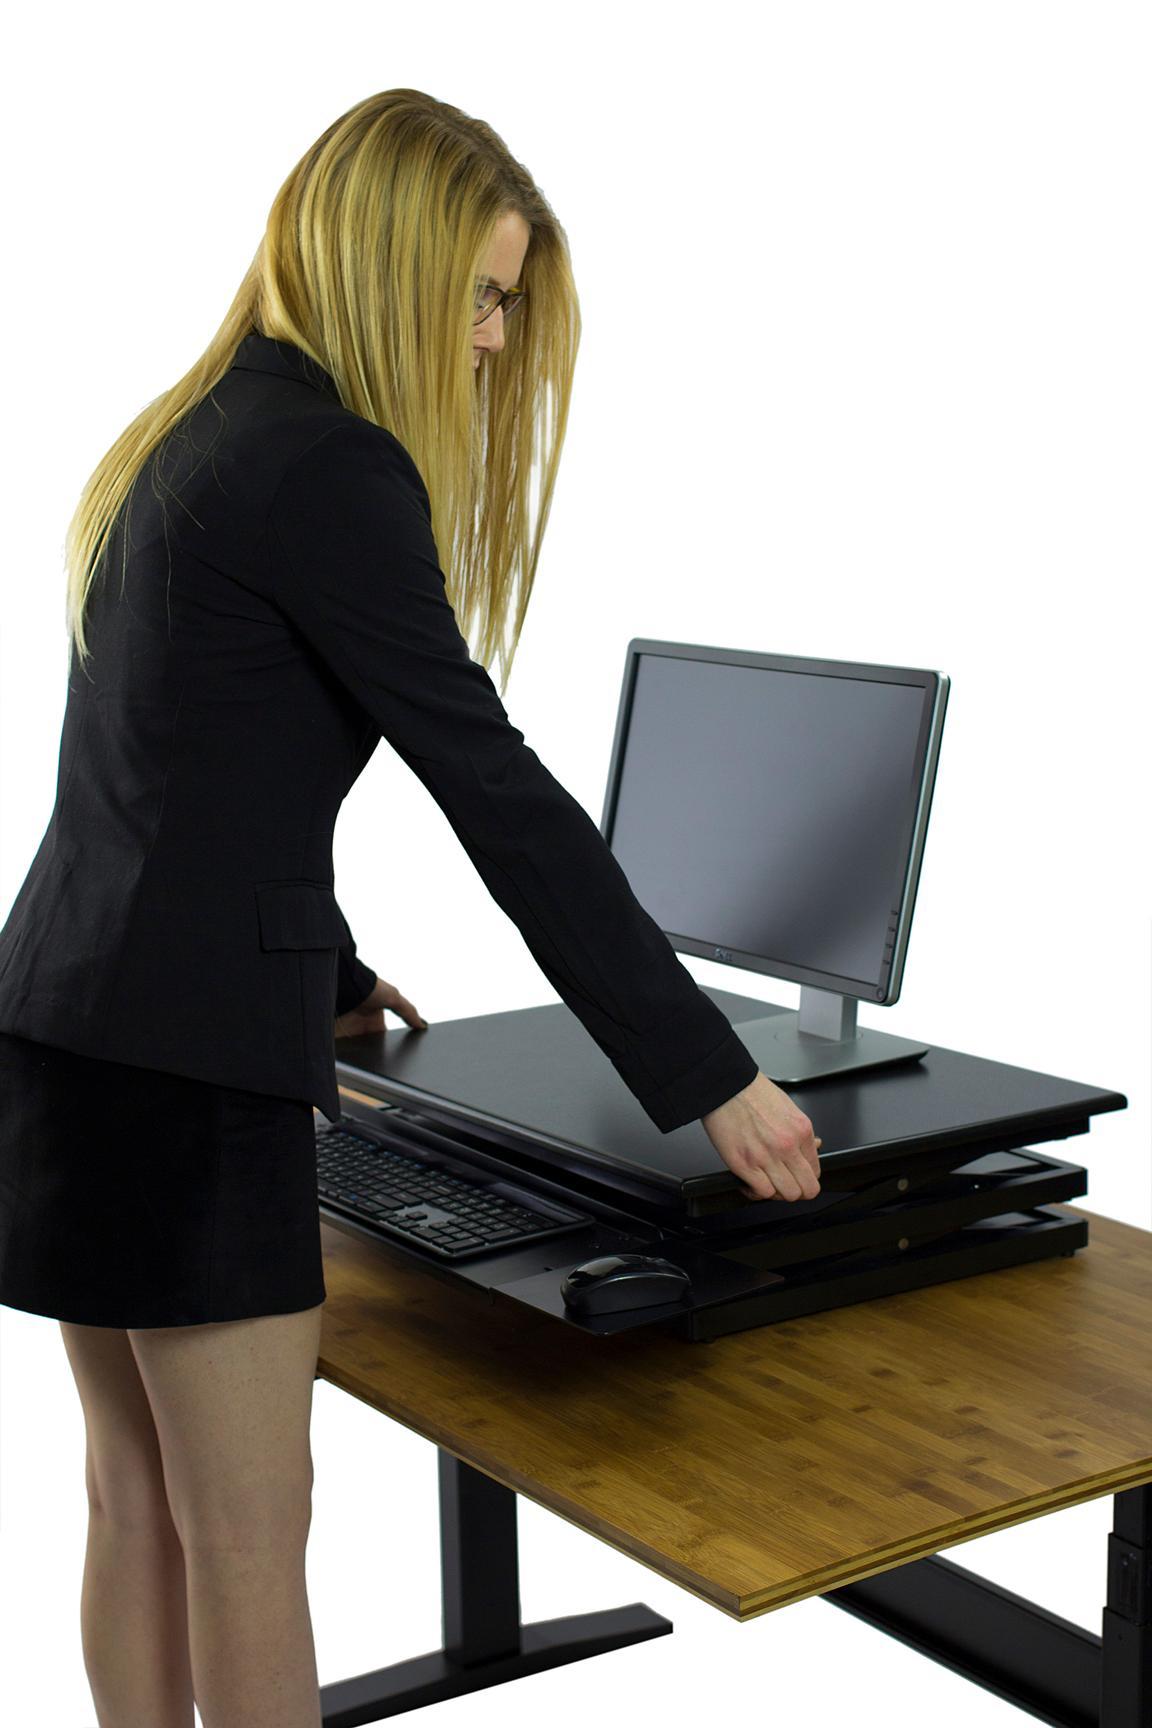 Cheapest Keyboard Workstation : changedesk tall ergonomic laptop desktop standing desk conversion height ~ Hamham.info Haus und Dekorationen